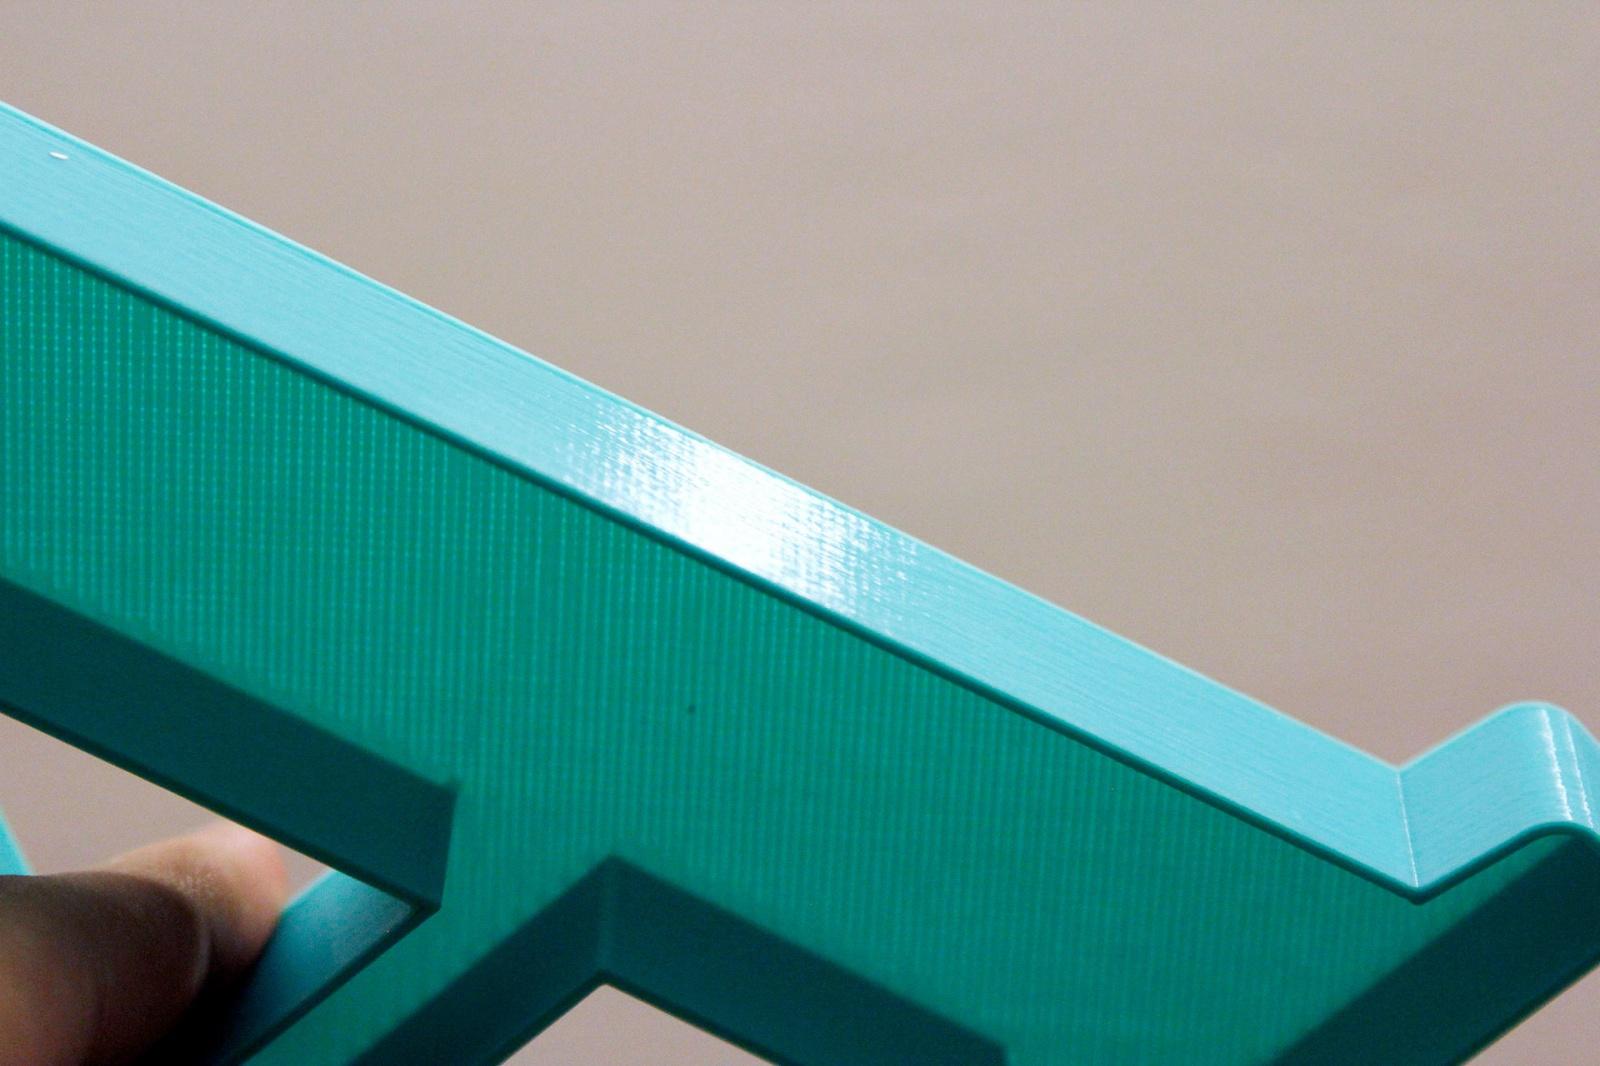 Обзор набора для сборки 3D-принтера - 42